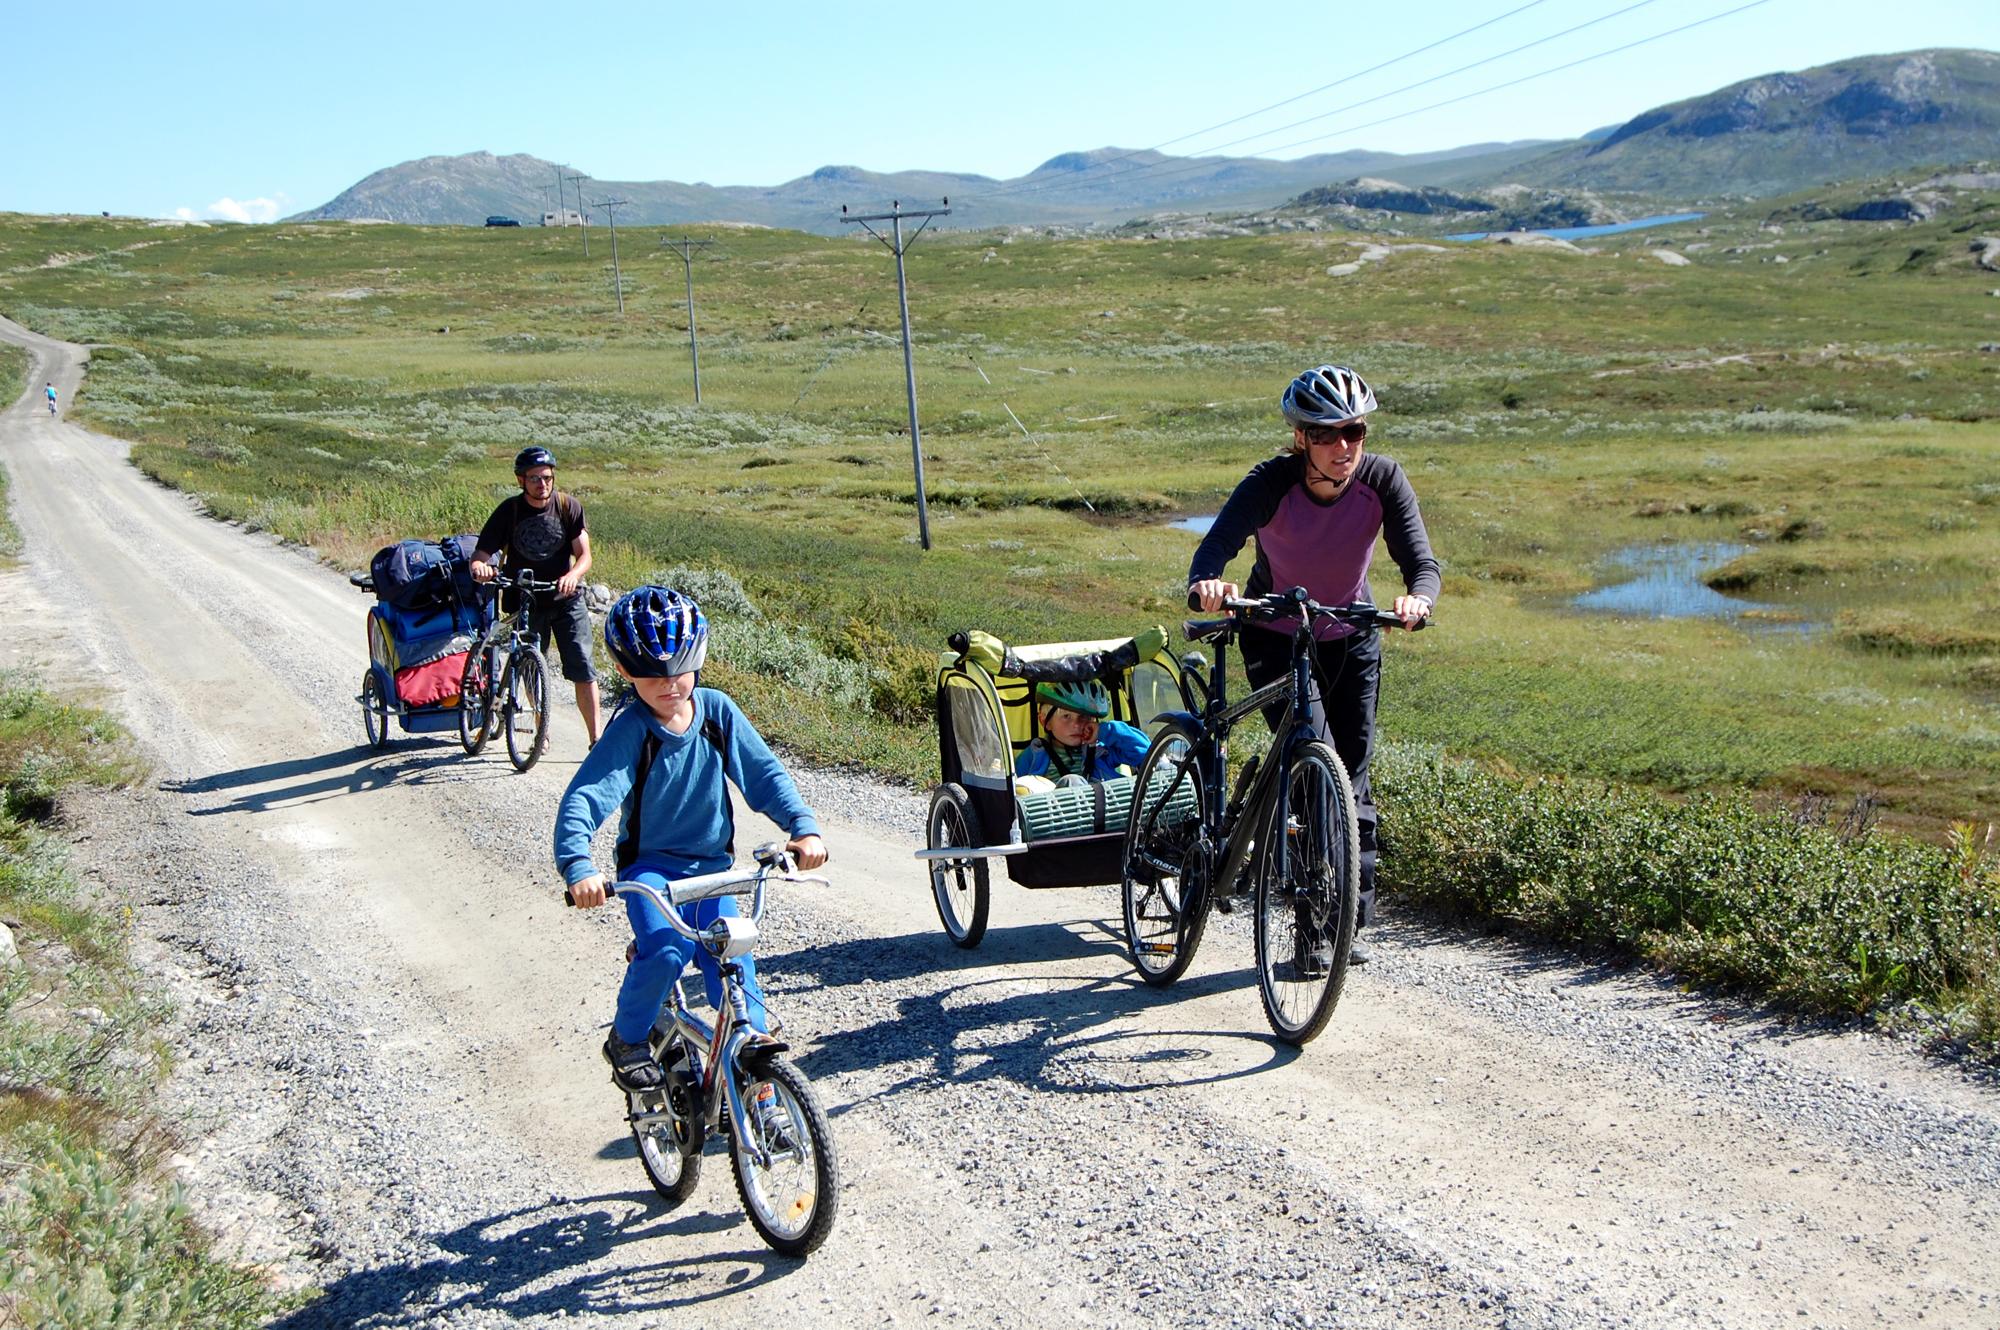 barnevennlig sykkeltur , © Kjell Gunnar Dahle